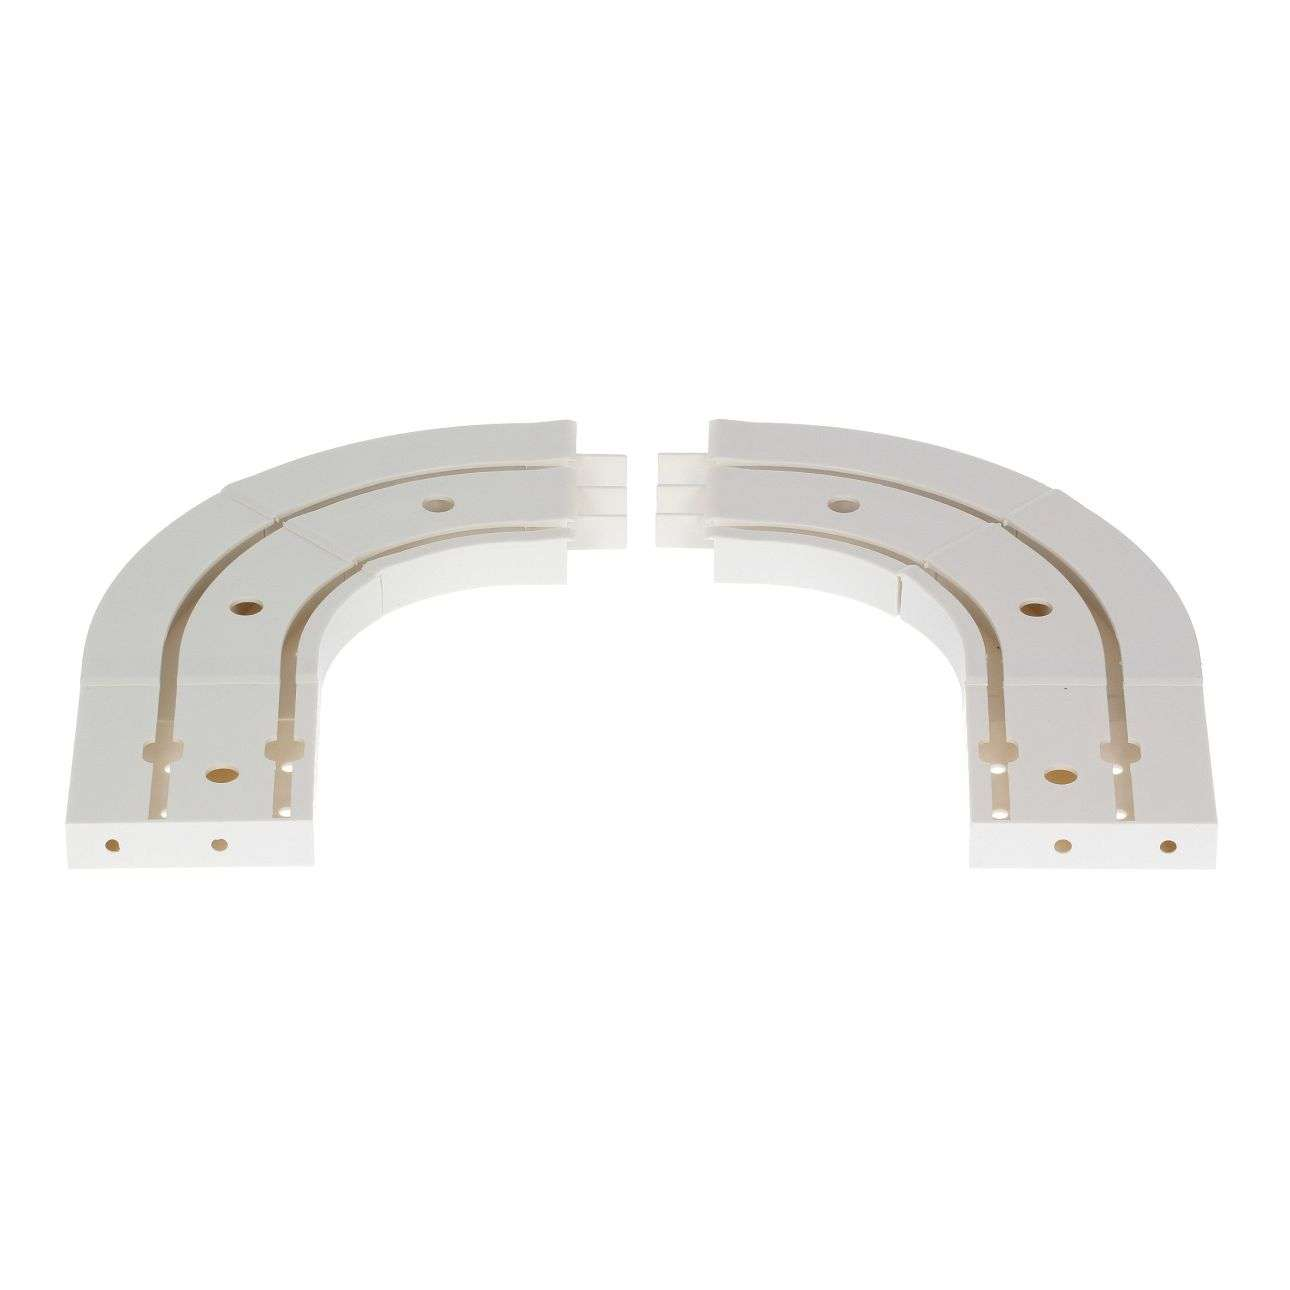 Gordijnbochten dubbele rails set van 2 stuks